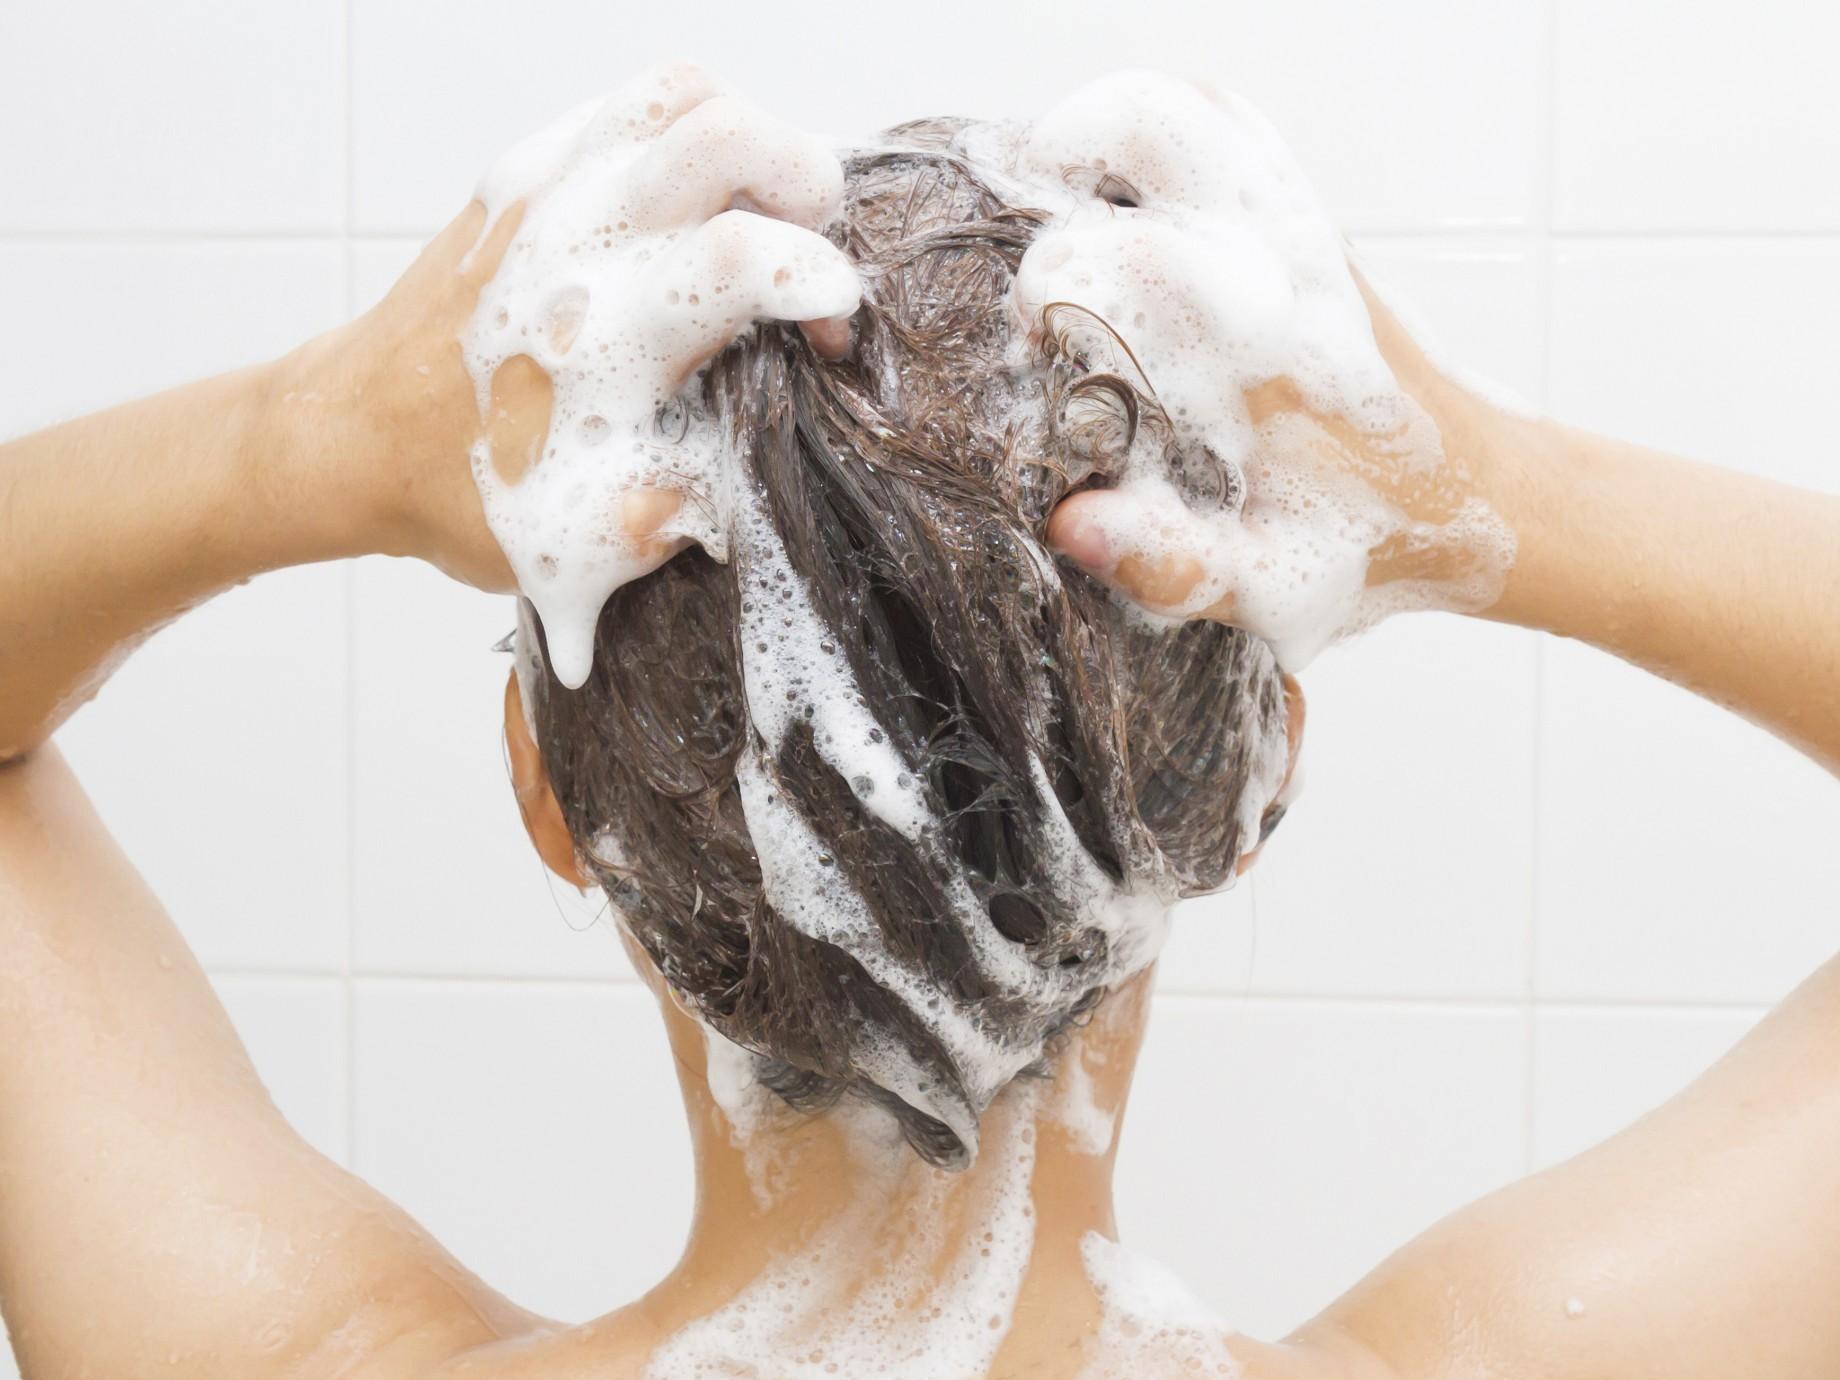 〈2015年8月〉台灣網路消費者對「洗髮精」購買行為與通路品牌分析-EAGLEEYE鷹眼數據